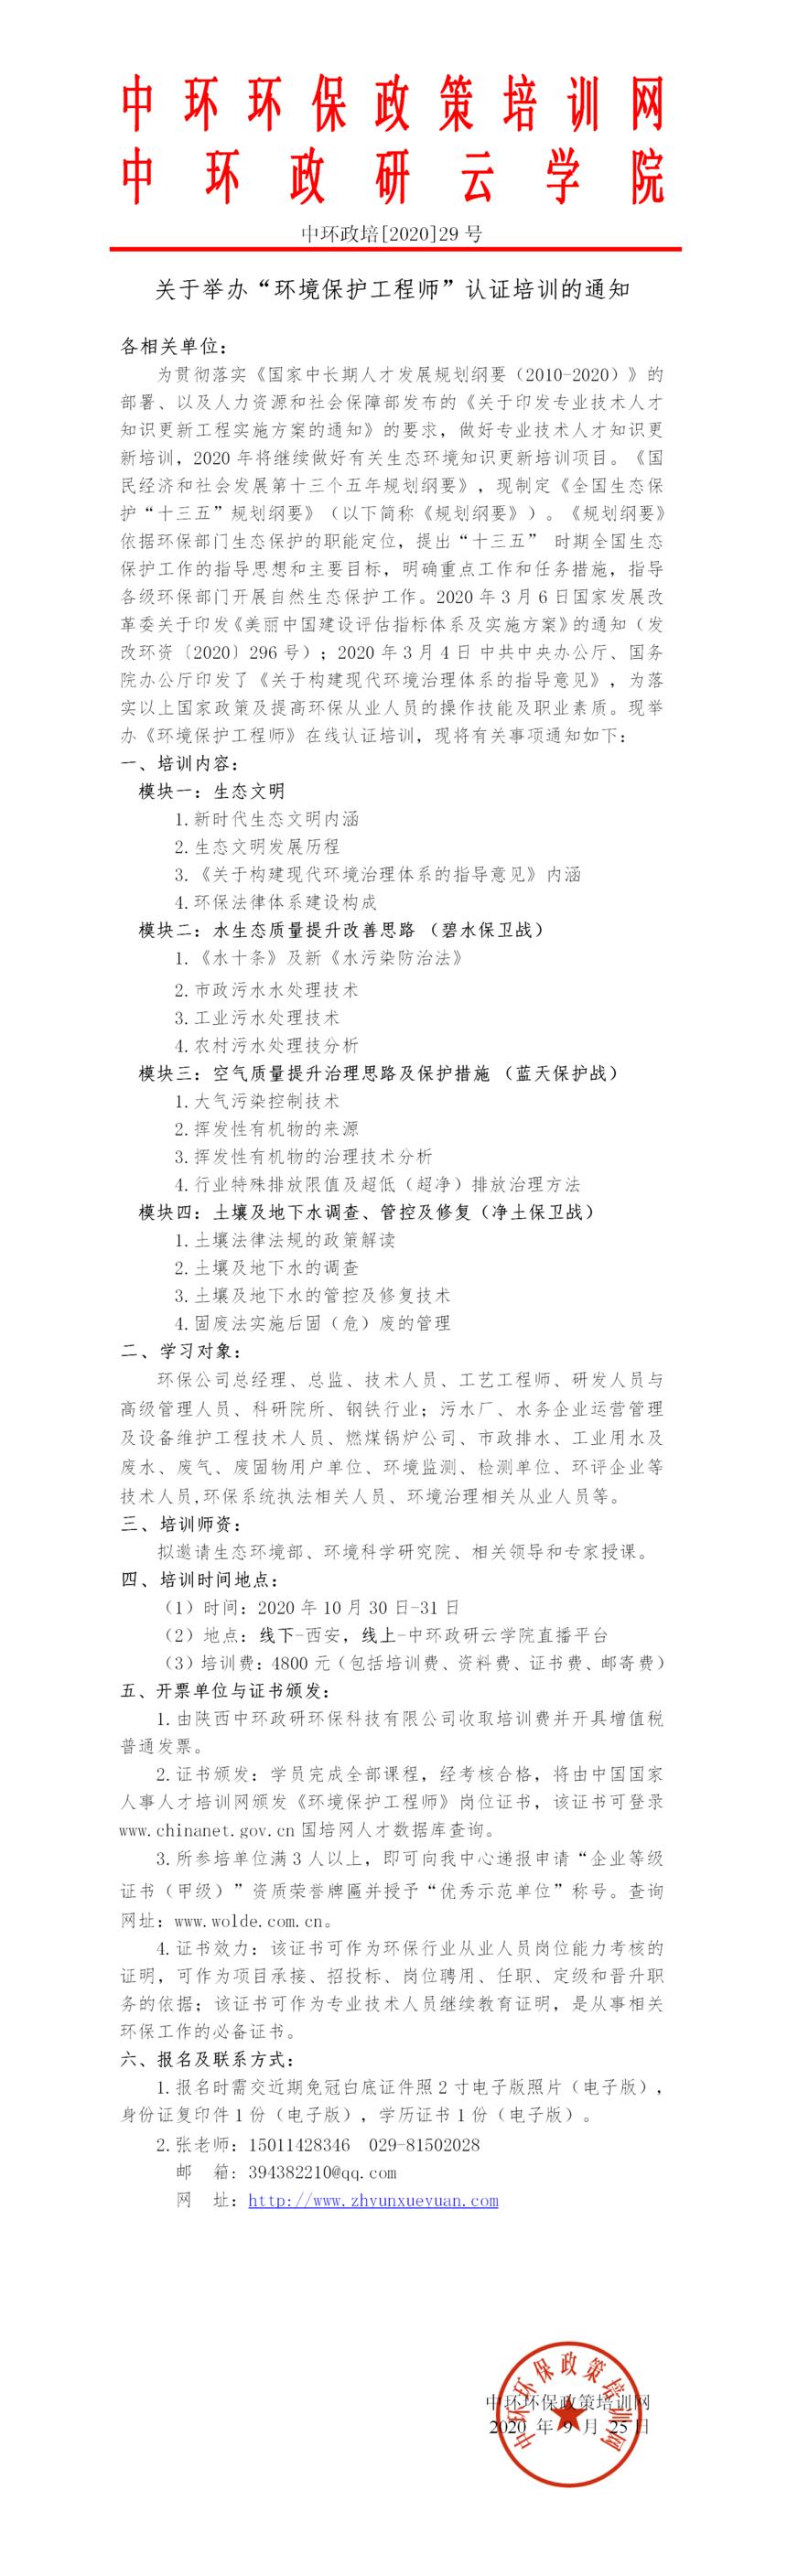 环境保护工程师培训文件.png